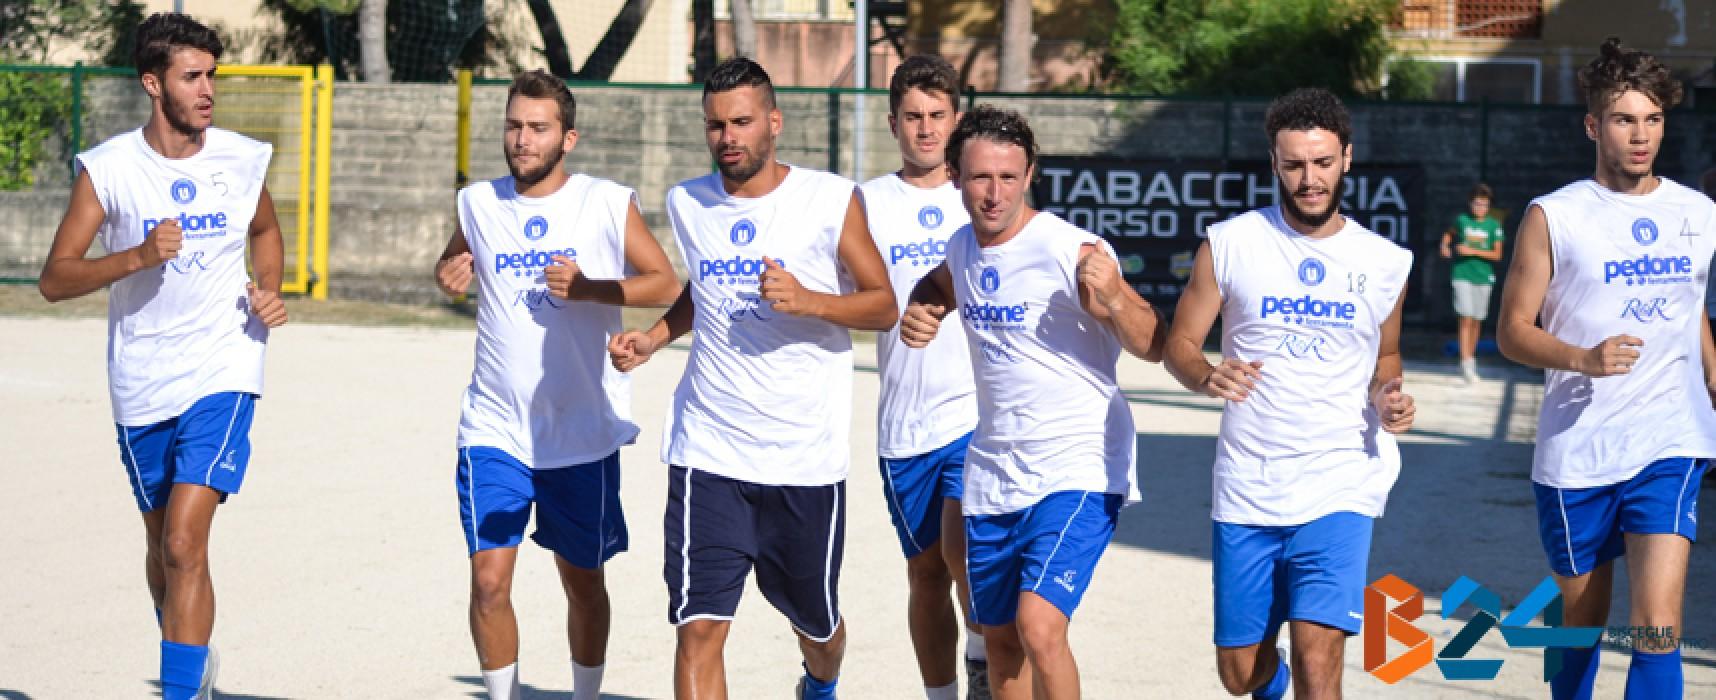 """Raduno Unione Calcio, il Ds Storelli: """"Puntiamo a vincere il campionato"""" / FOTO"""